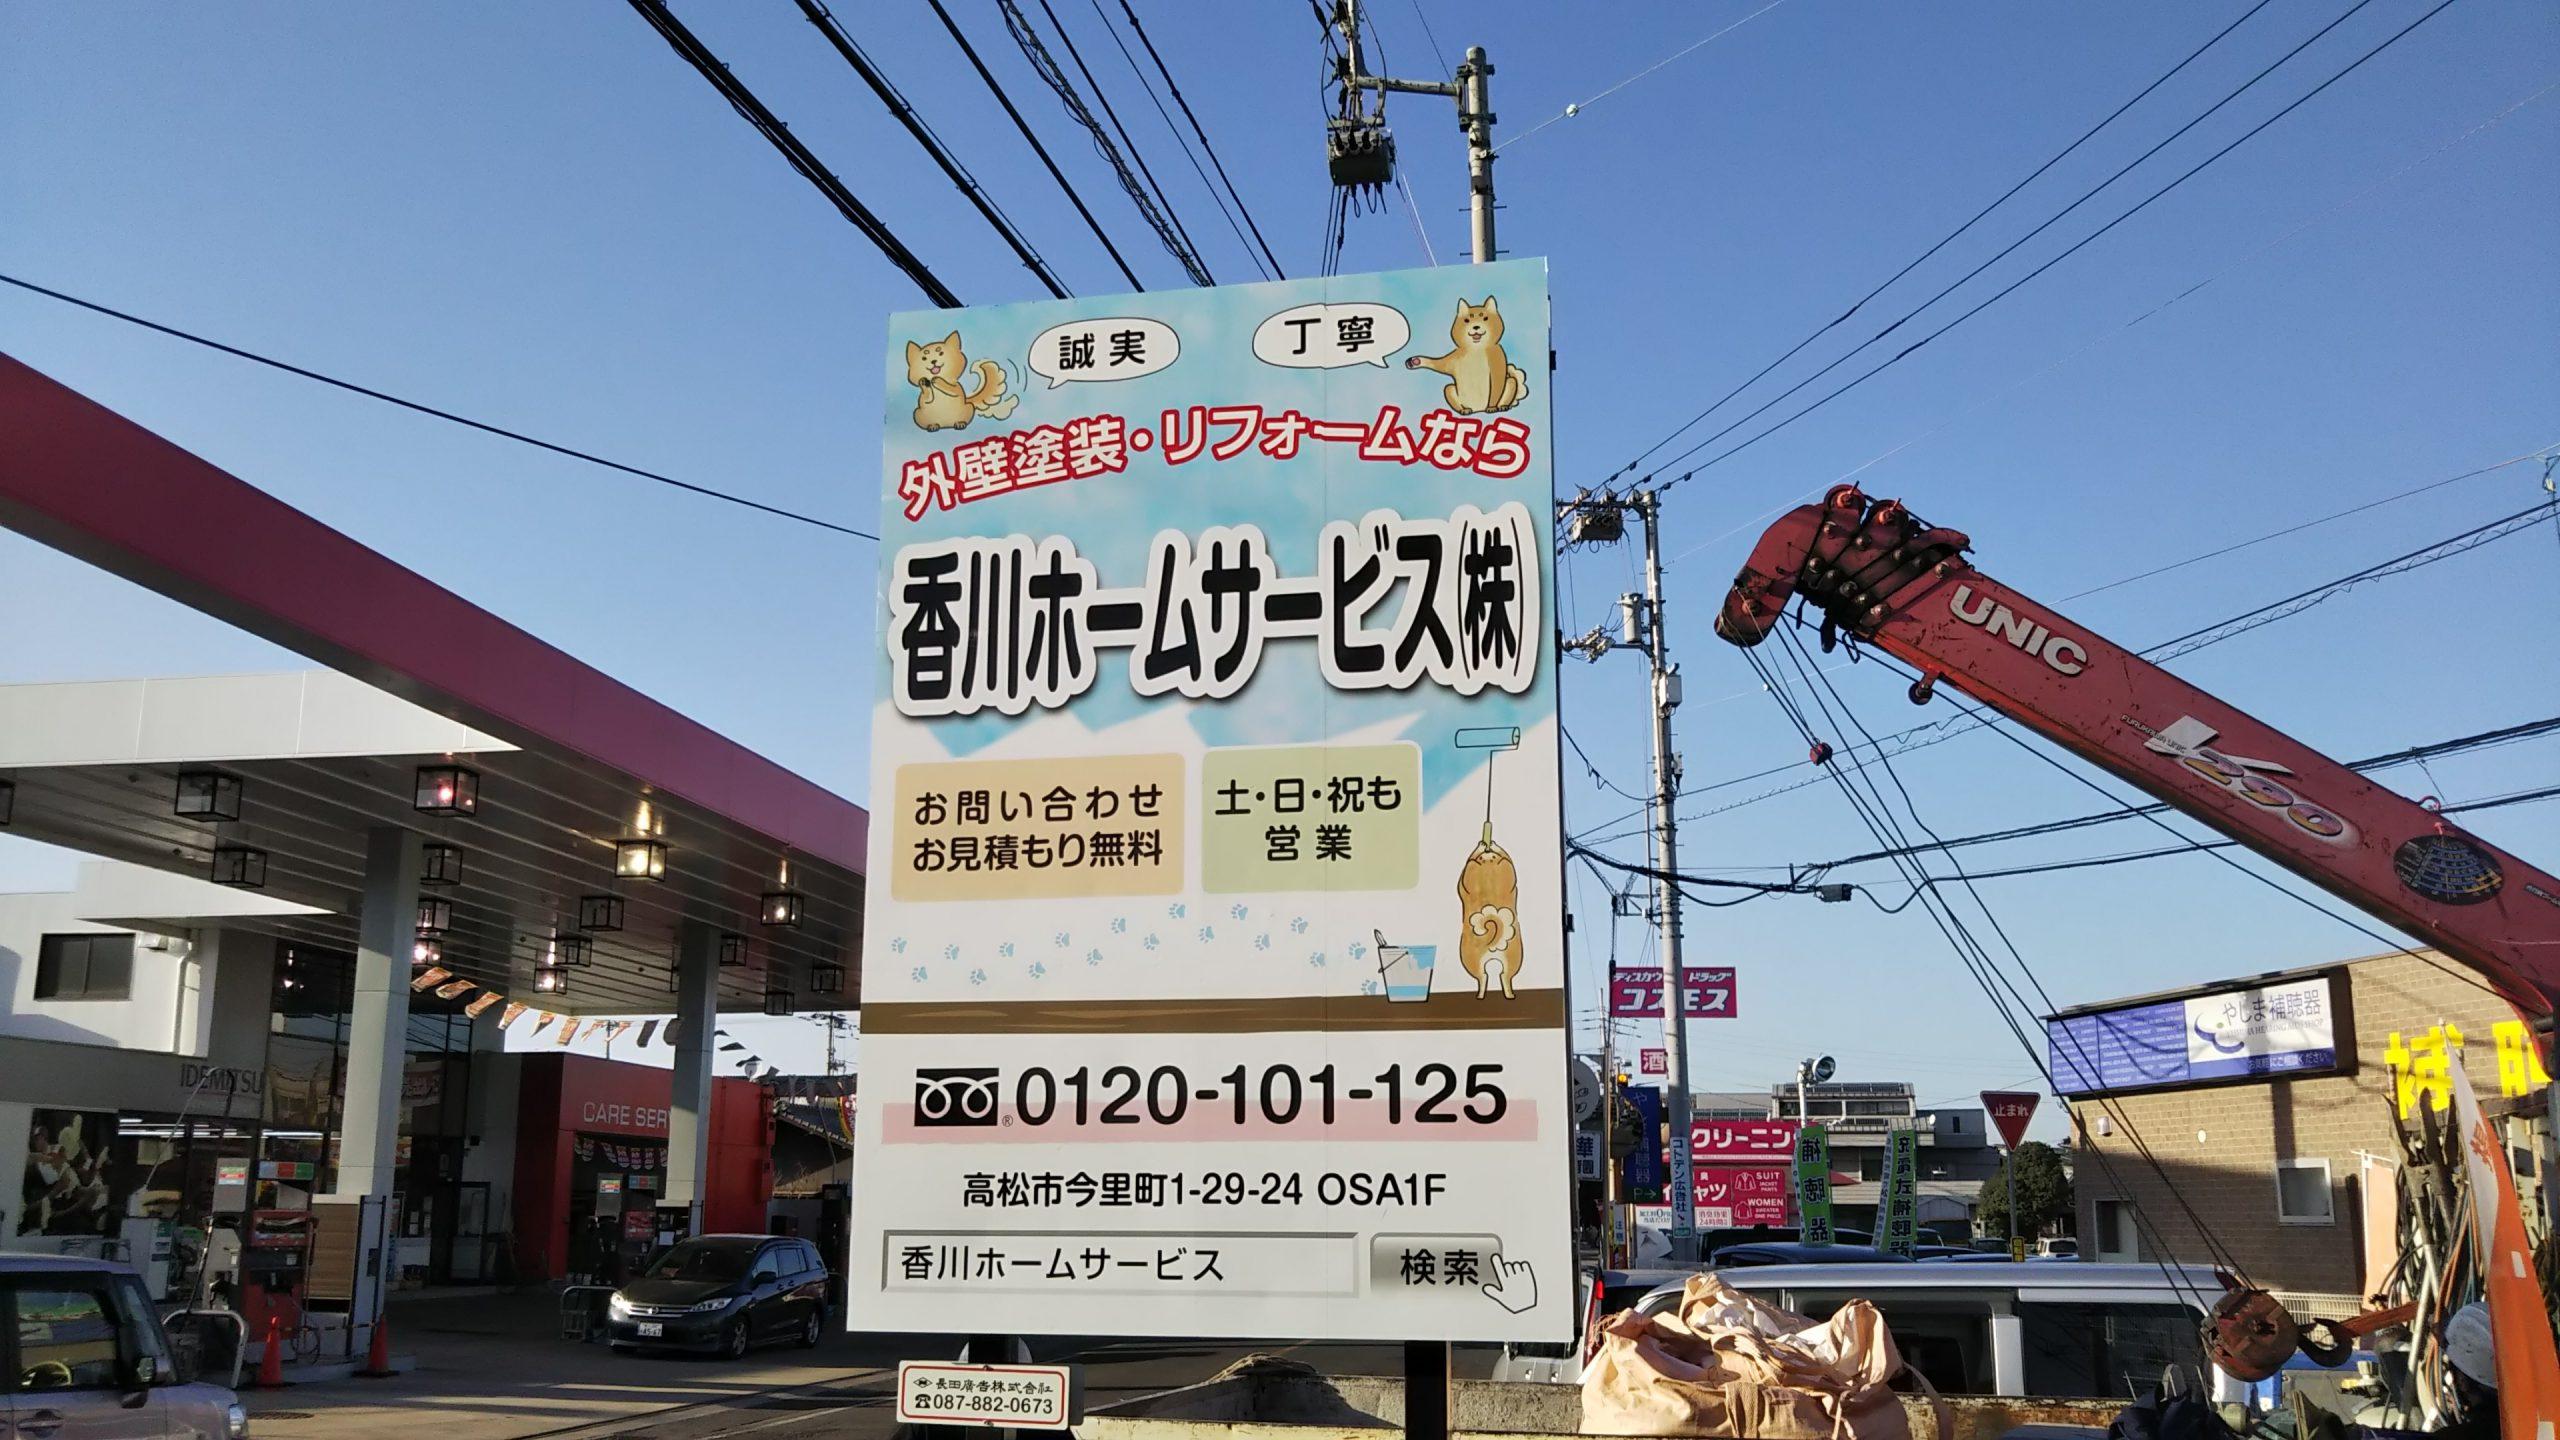 長尾街道沿いに看板を設置致しました。